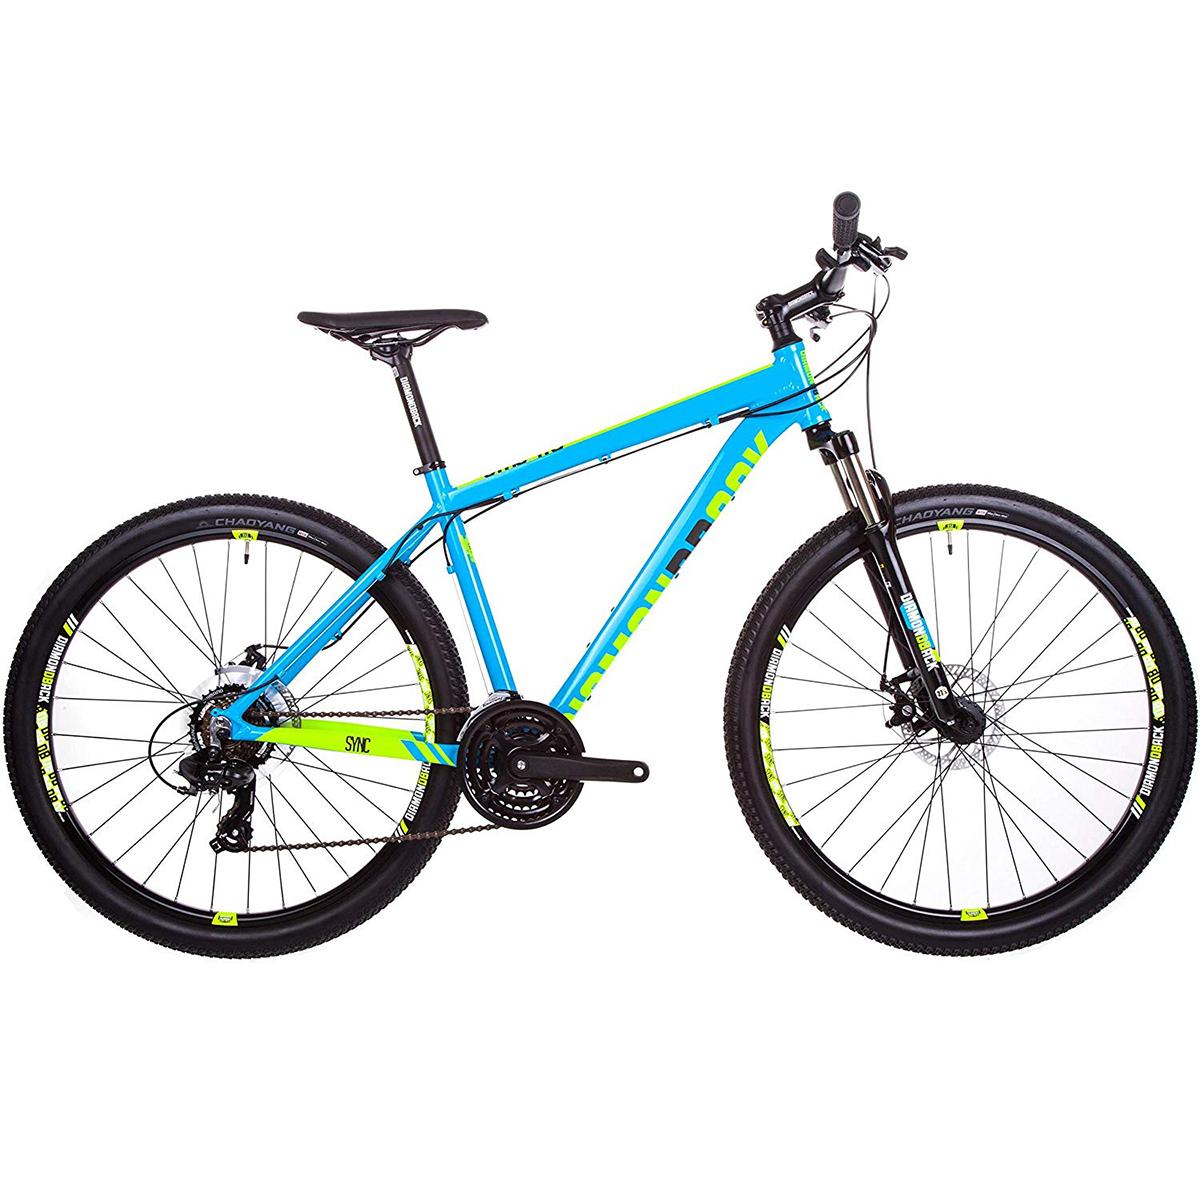 Men's Diamondback Sync 1.0 Mountain Bike £159 @ Merlin Cycles